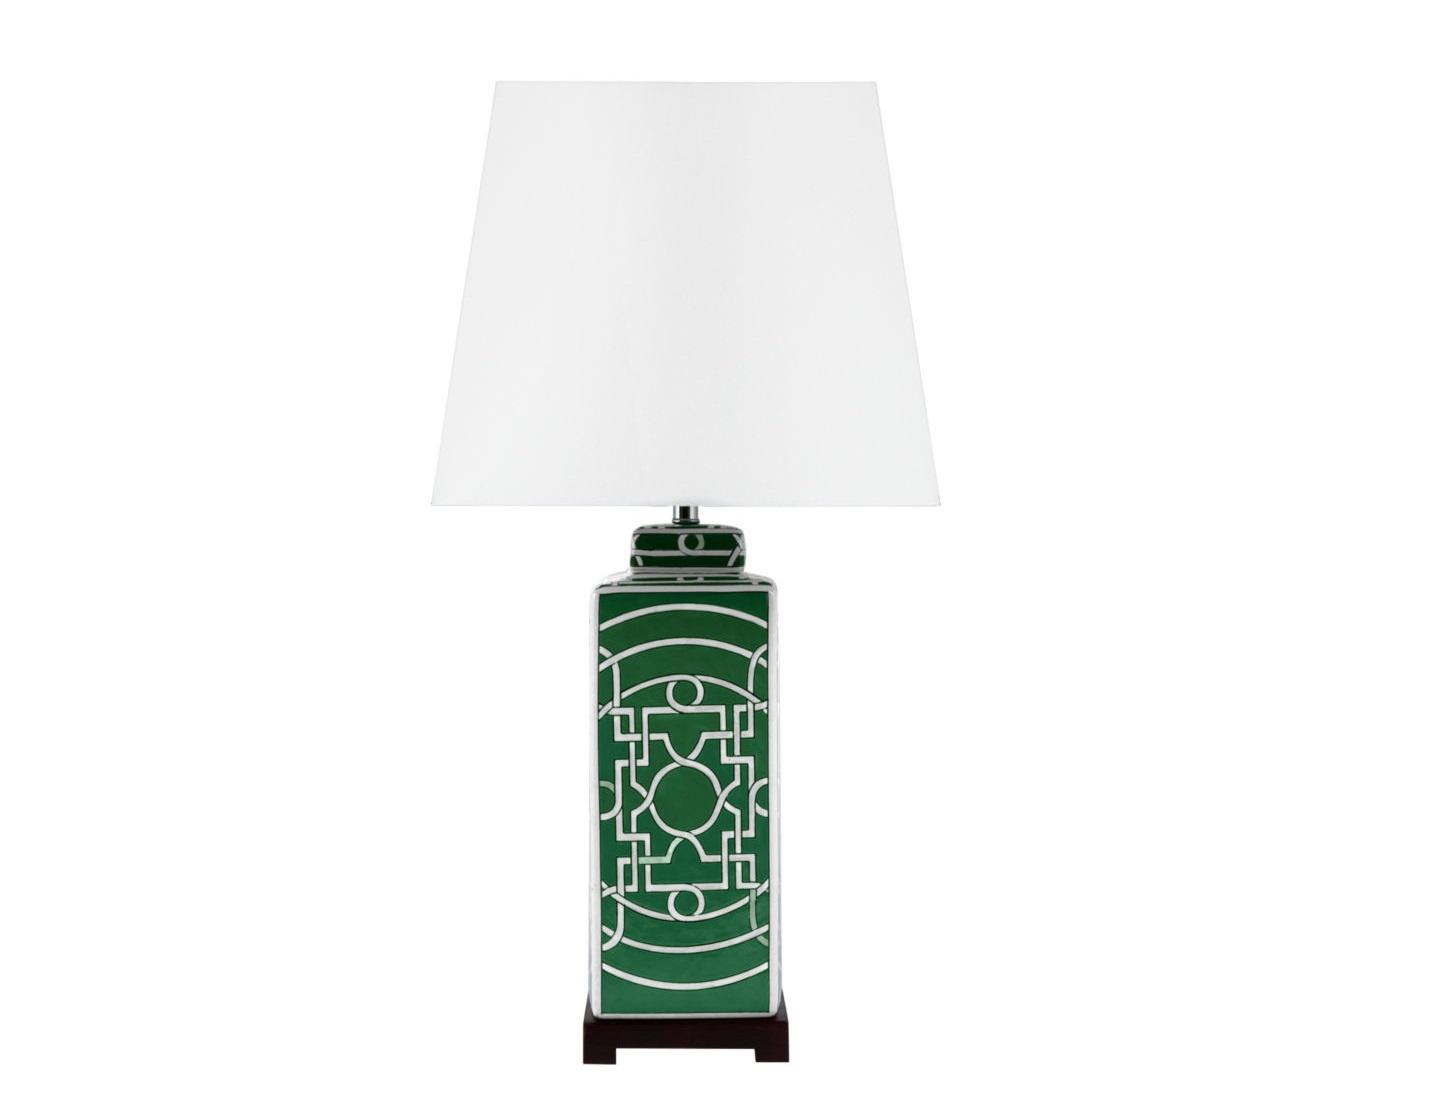 Лампа настольная Pattern greenДекоративные лампы<br>&amp;lt;div&amp;gt;Вид цоколя: Е27&amp;lt;br&amp;gt;&amp;lt;/div&amp;gt;&amp;lt;div&amp;gt;Мощность: 60W&amp;lt;/div&amp;gt;&amp;lt;div&amp;gt;Количество ламп: 1&amp;amp;nbsp;(нет в комплекте)&amp;lt;/div&amp;gt;&amp;lt;div&amp;gt;&amp;lt;br&amp;gt;&amp;lt;/div&amp;gt;<br><br>Material: Керамика<br>Width см: None<br>Depth см: None<br>Height см: 78<br>Diameter см: 36